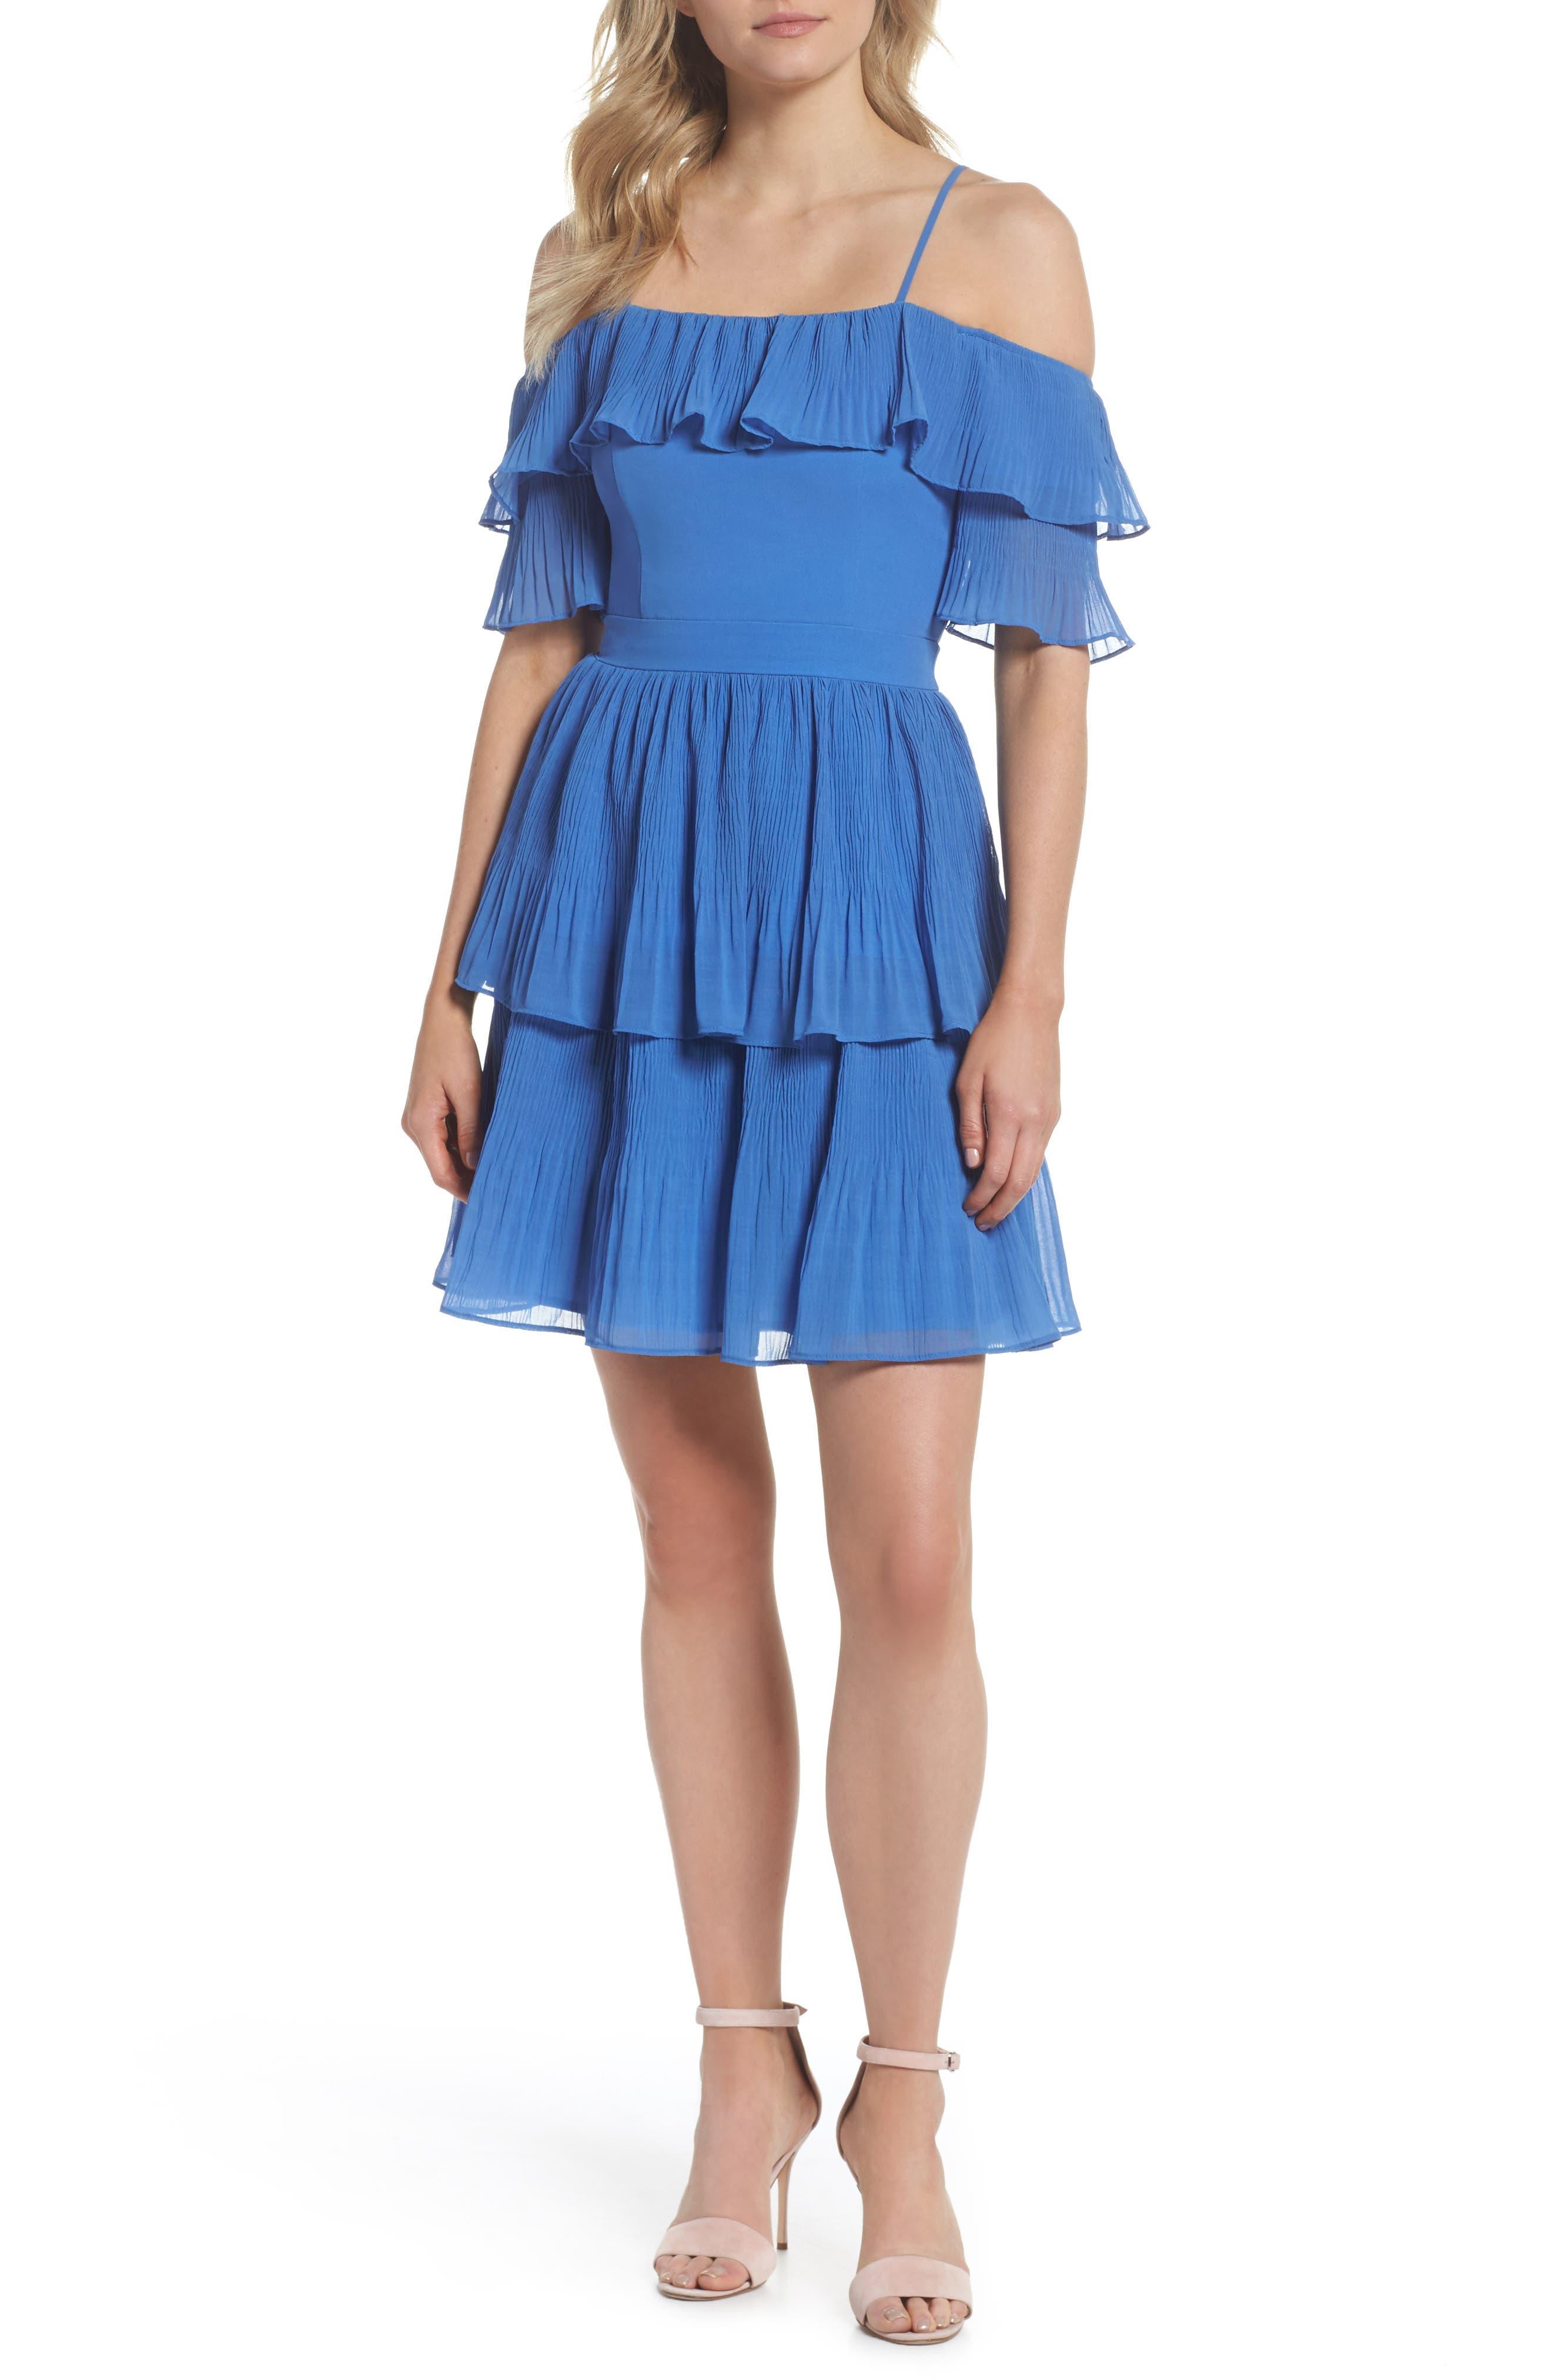 Adelyn Rae Rosalie Cold Shoulder Dress